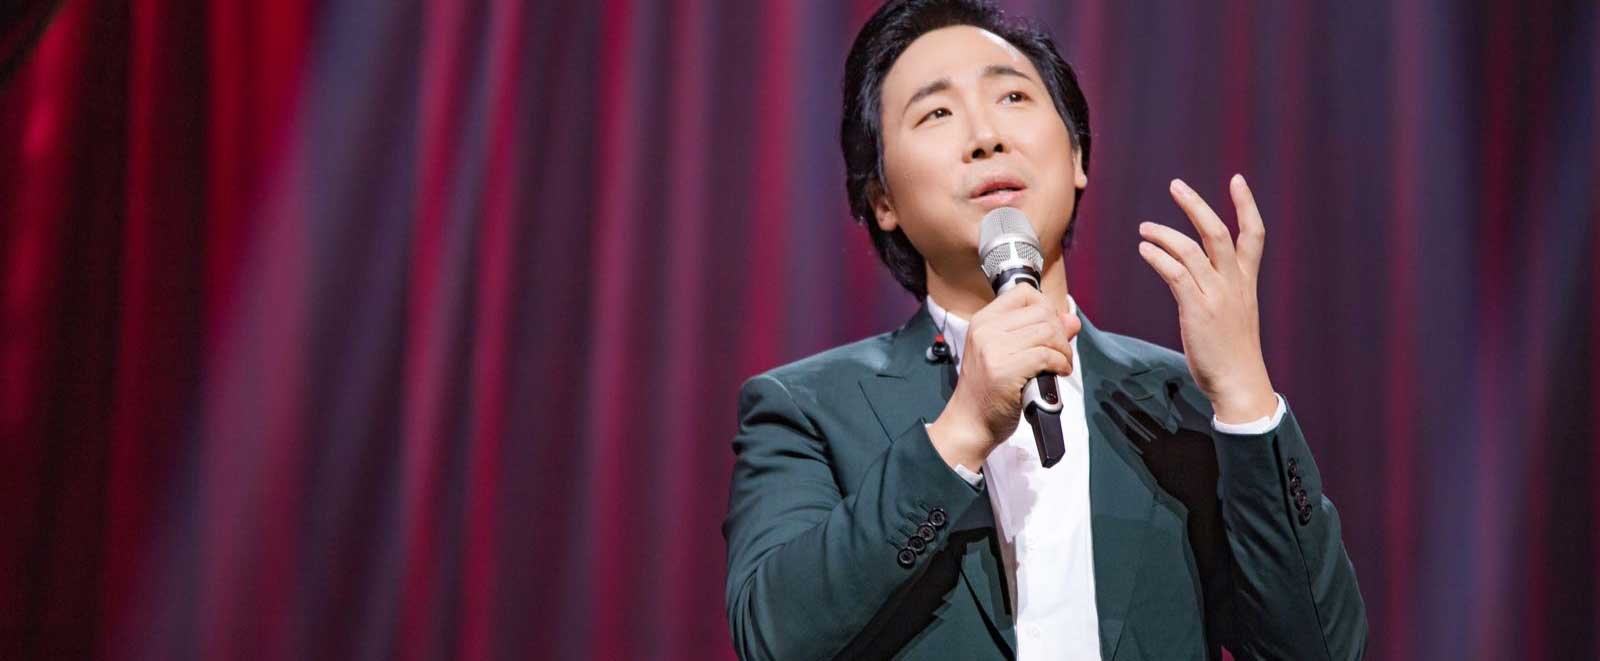 廖昌永回归《声入人心》 六组二重唱搭档挑战升级